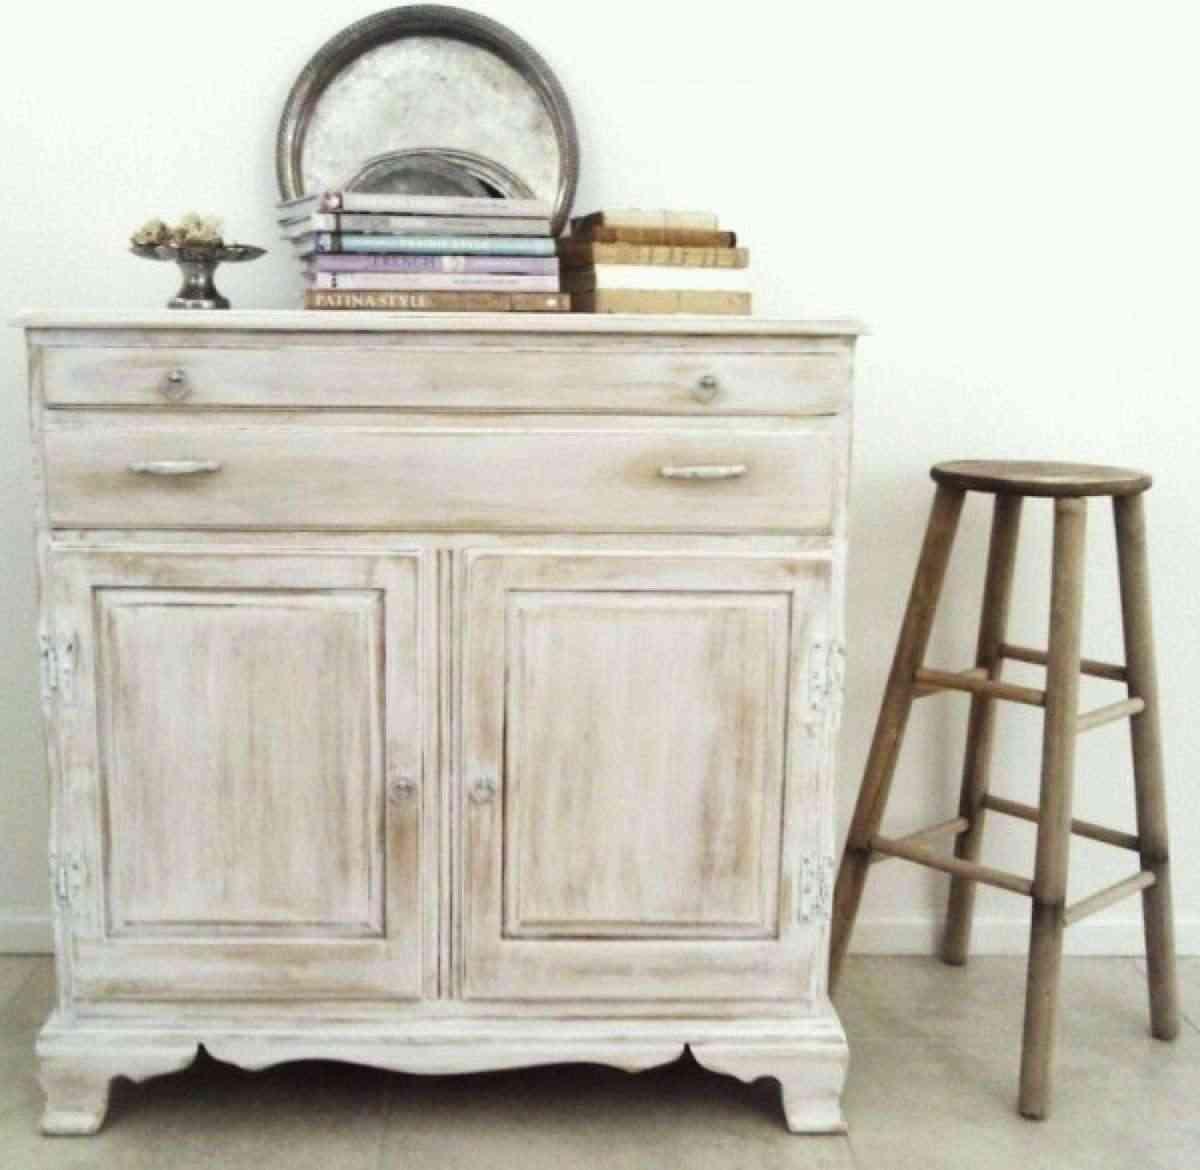 Patinar la madera qu es c mo se hace y c mo queda for Pintar puertas de madera viejas